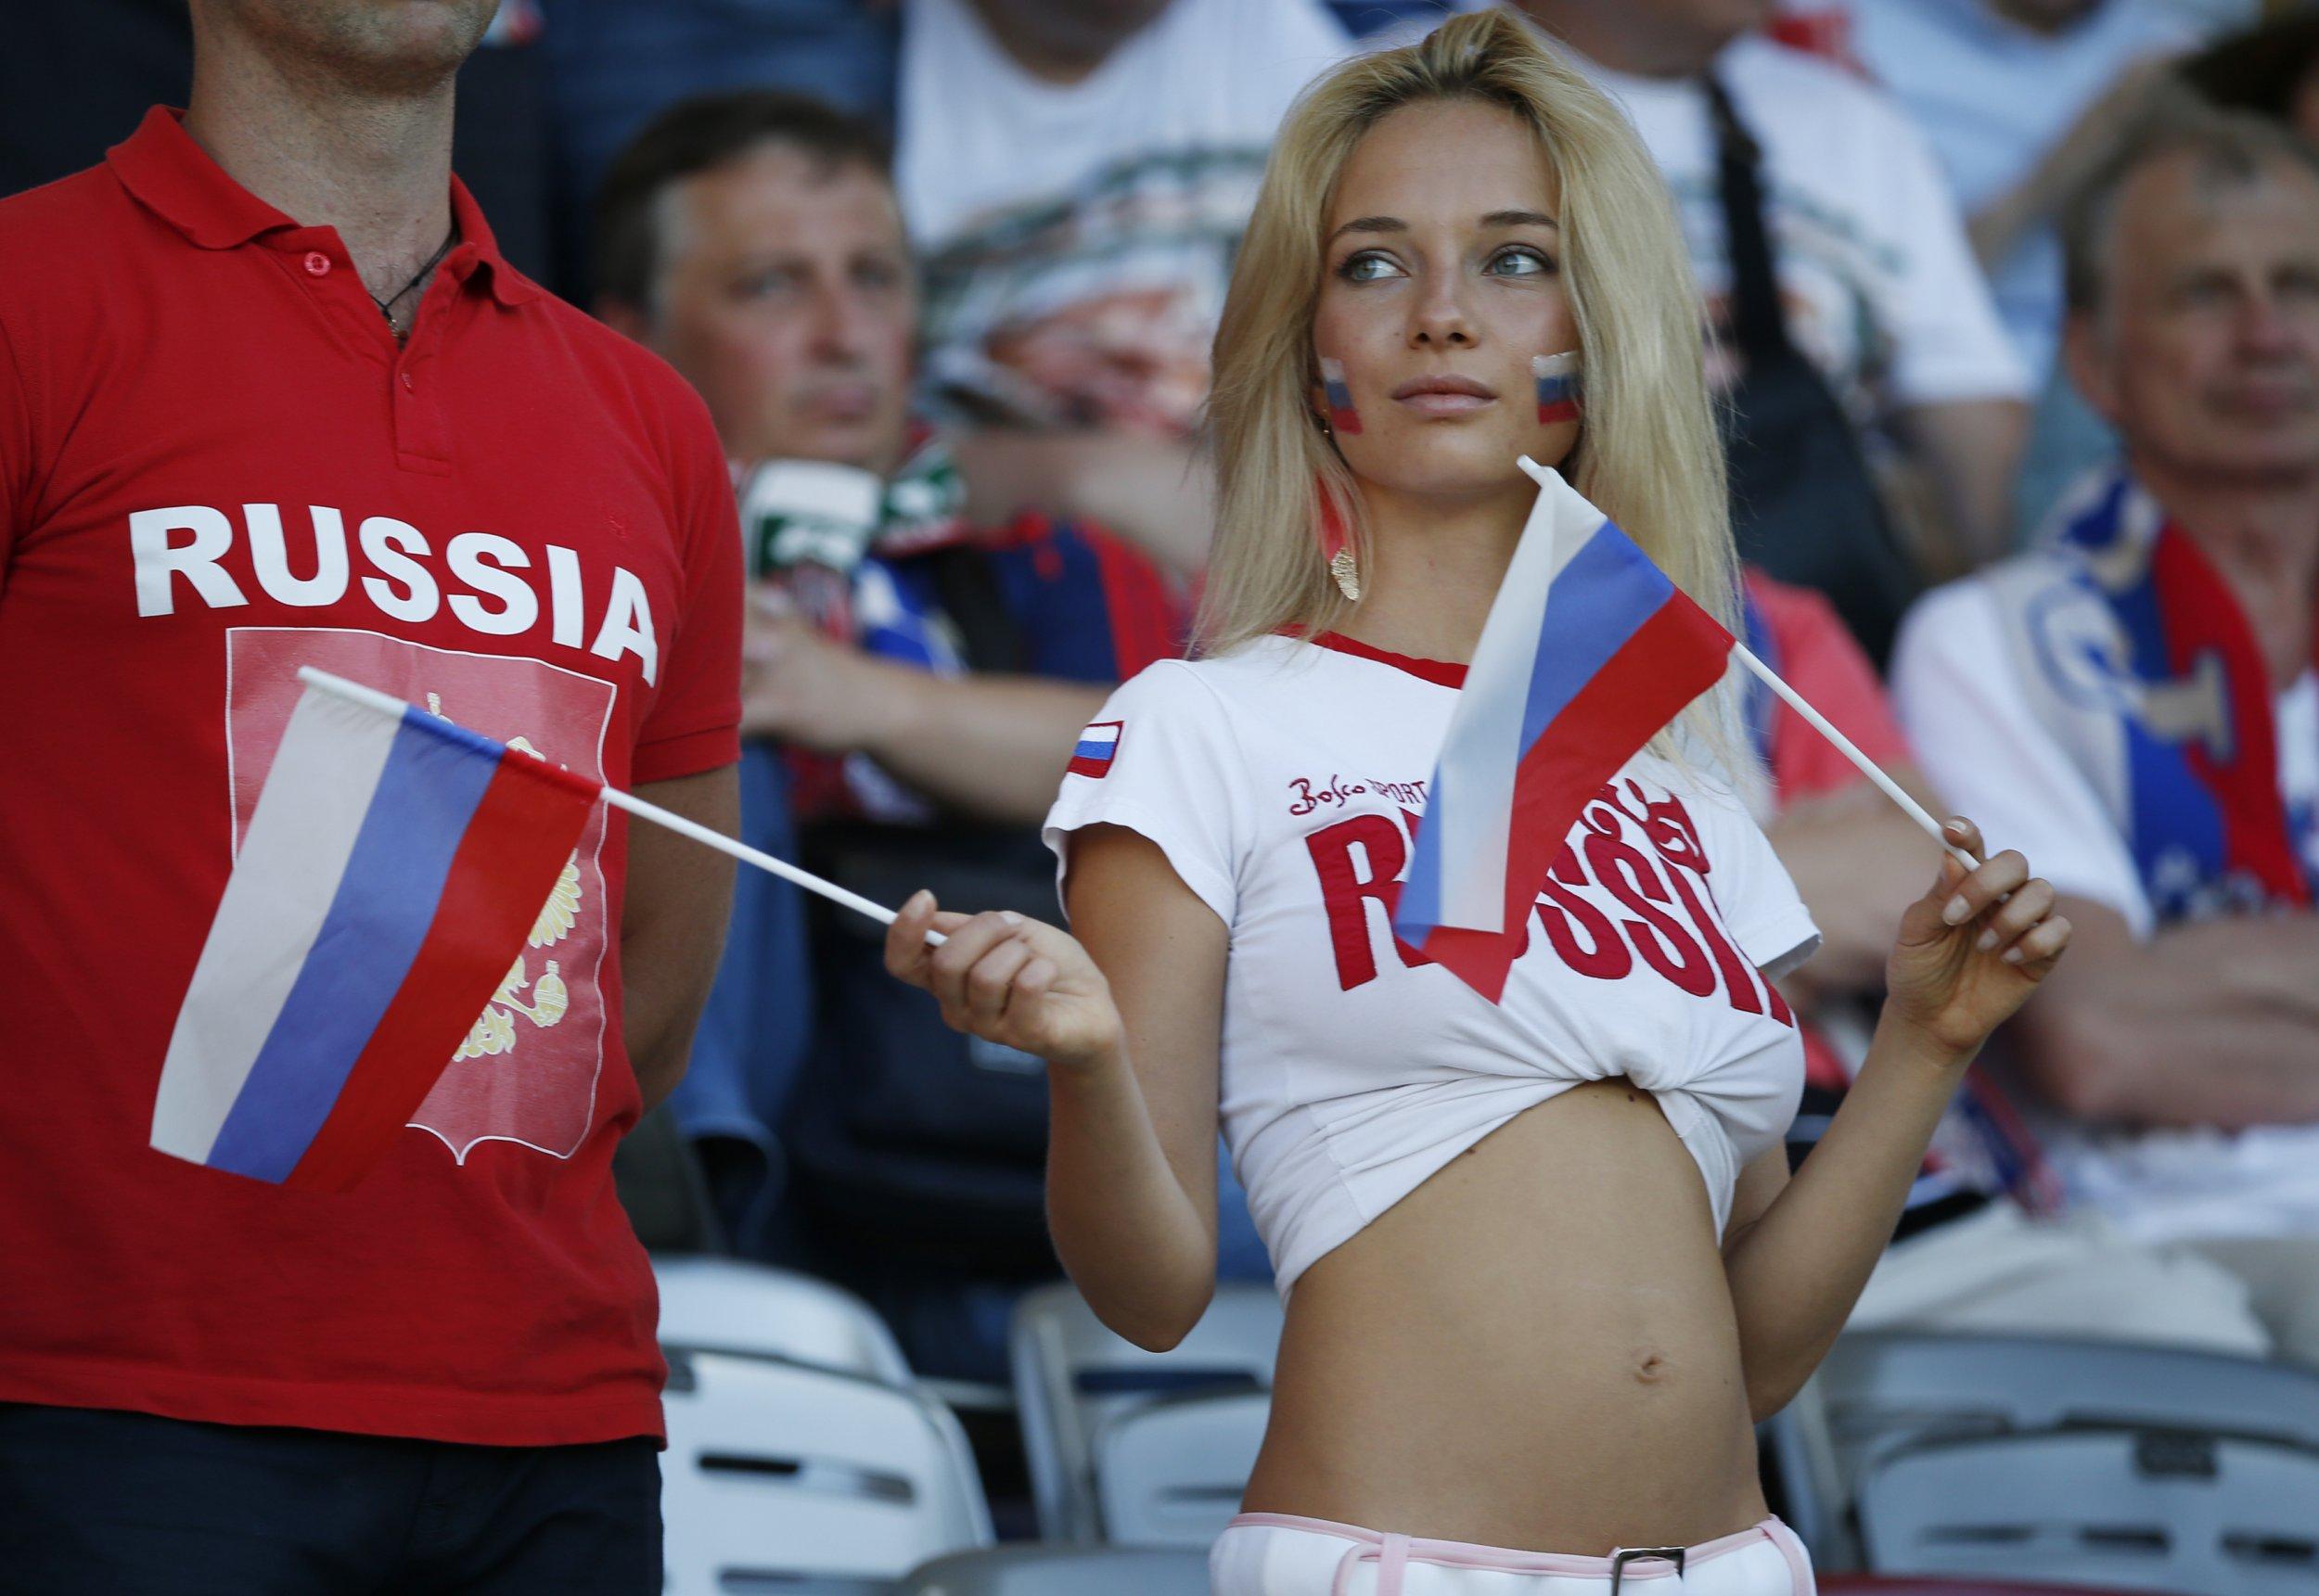 05_15_Russian_fan